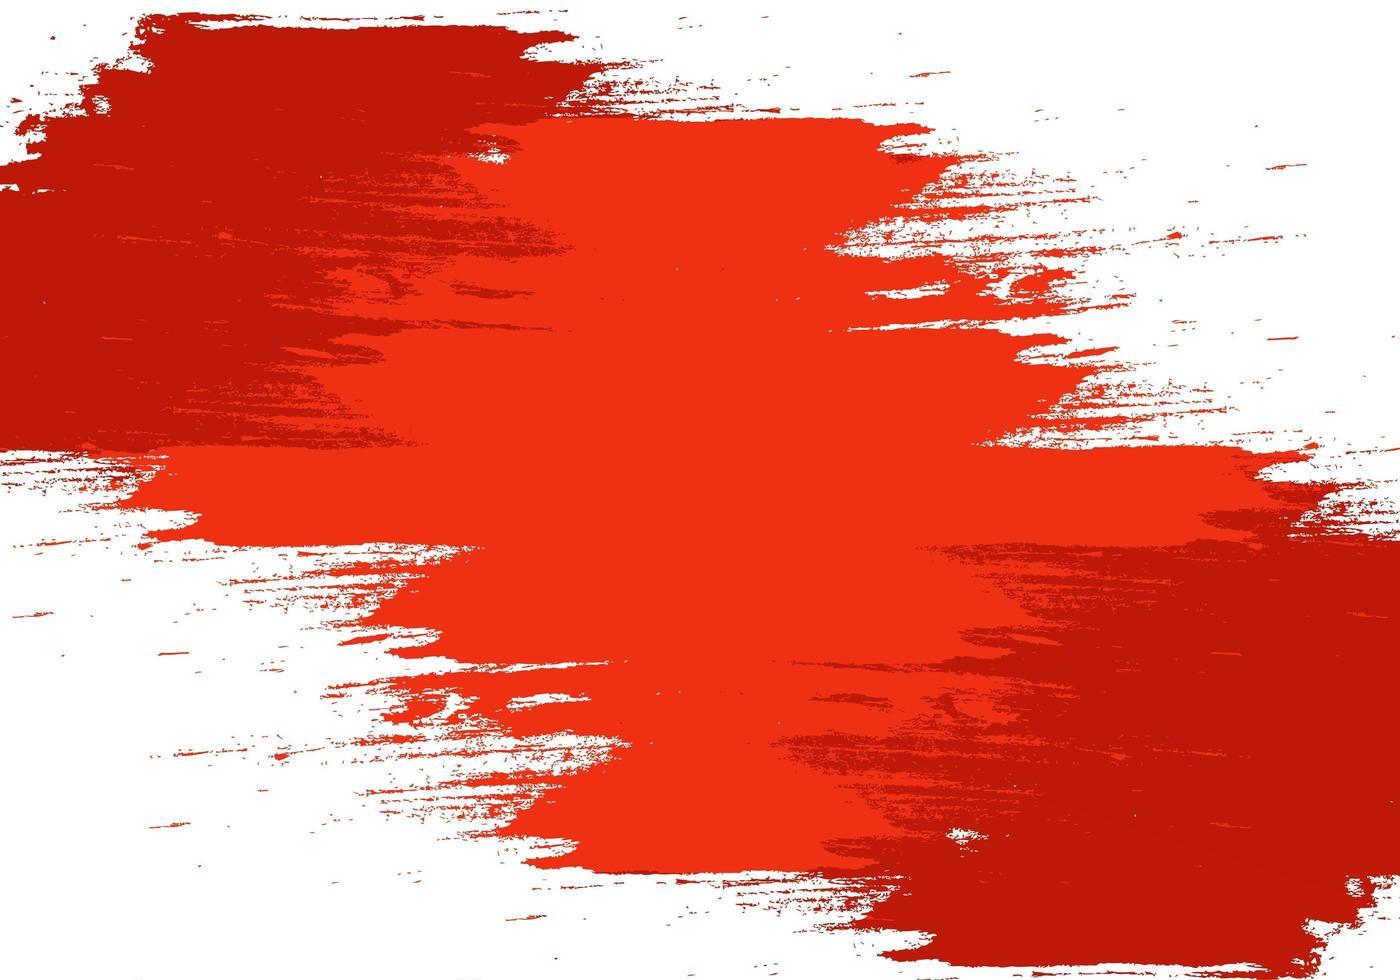 textura de pincelada roja abstracta vector